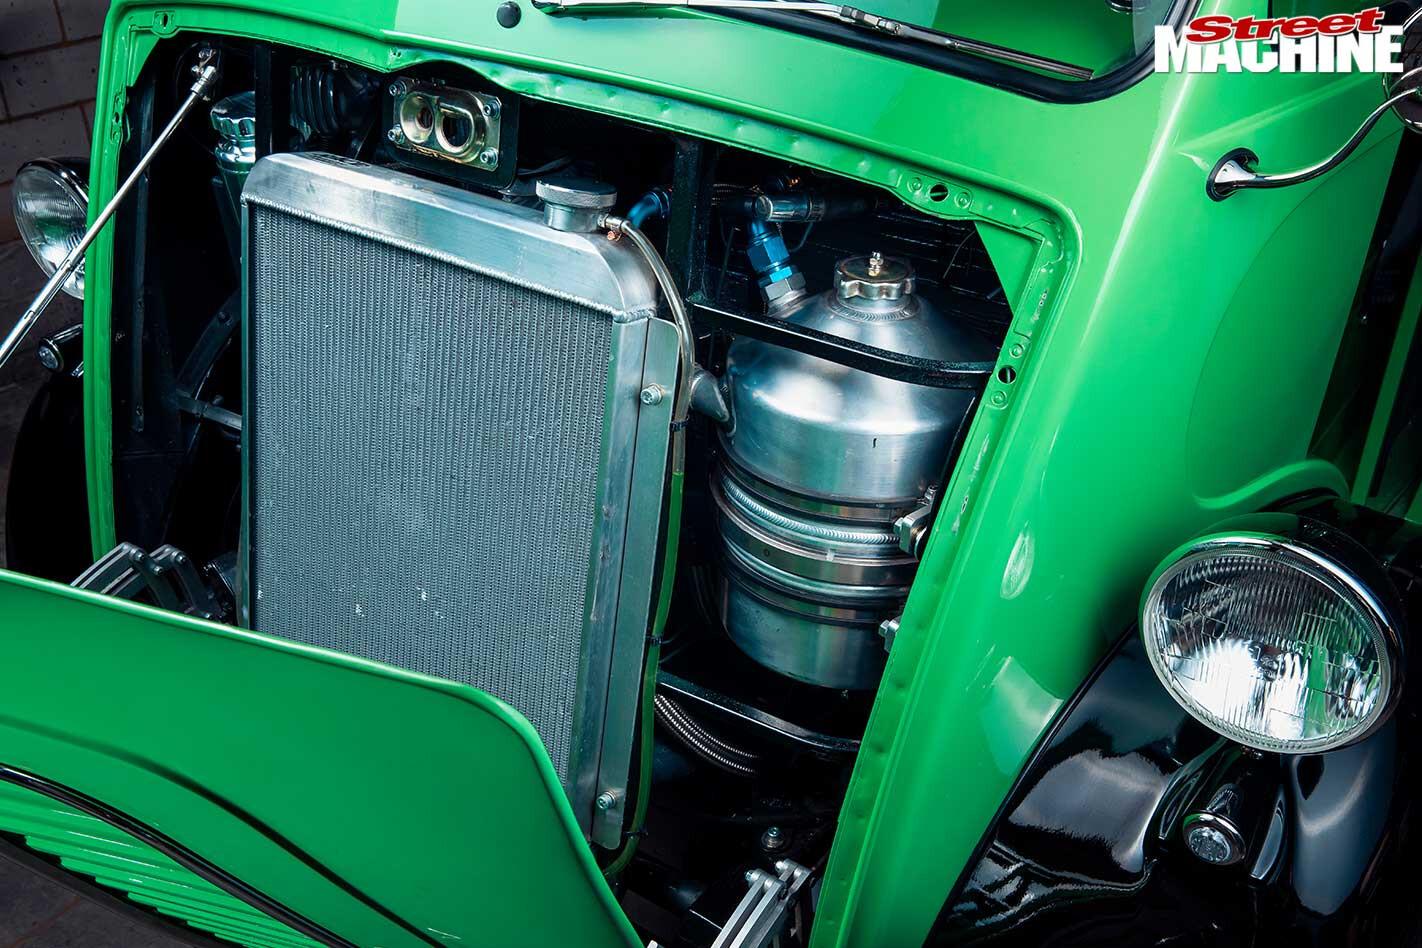 Morris J-Van radiator